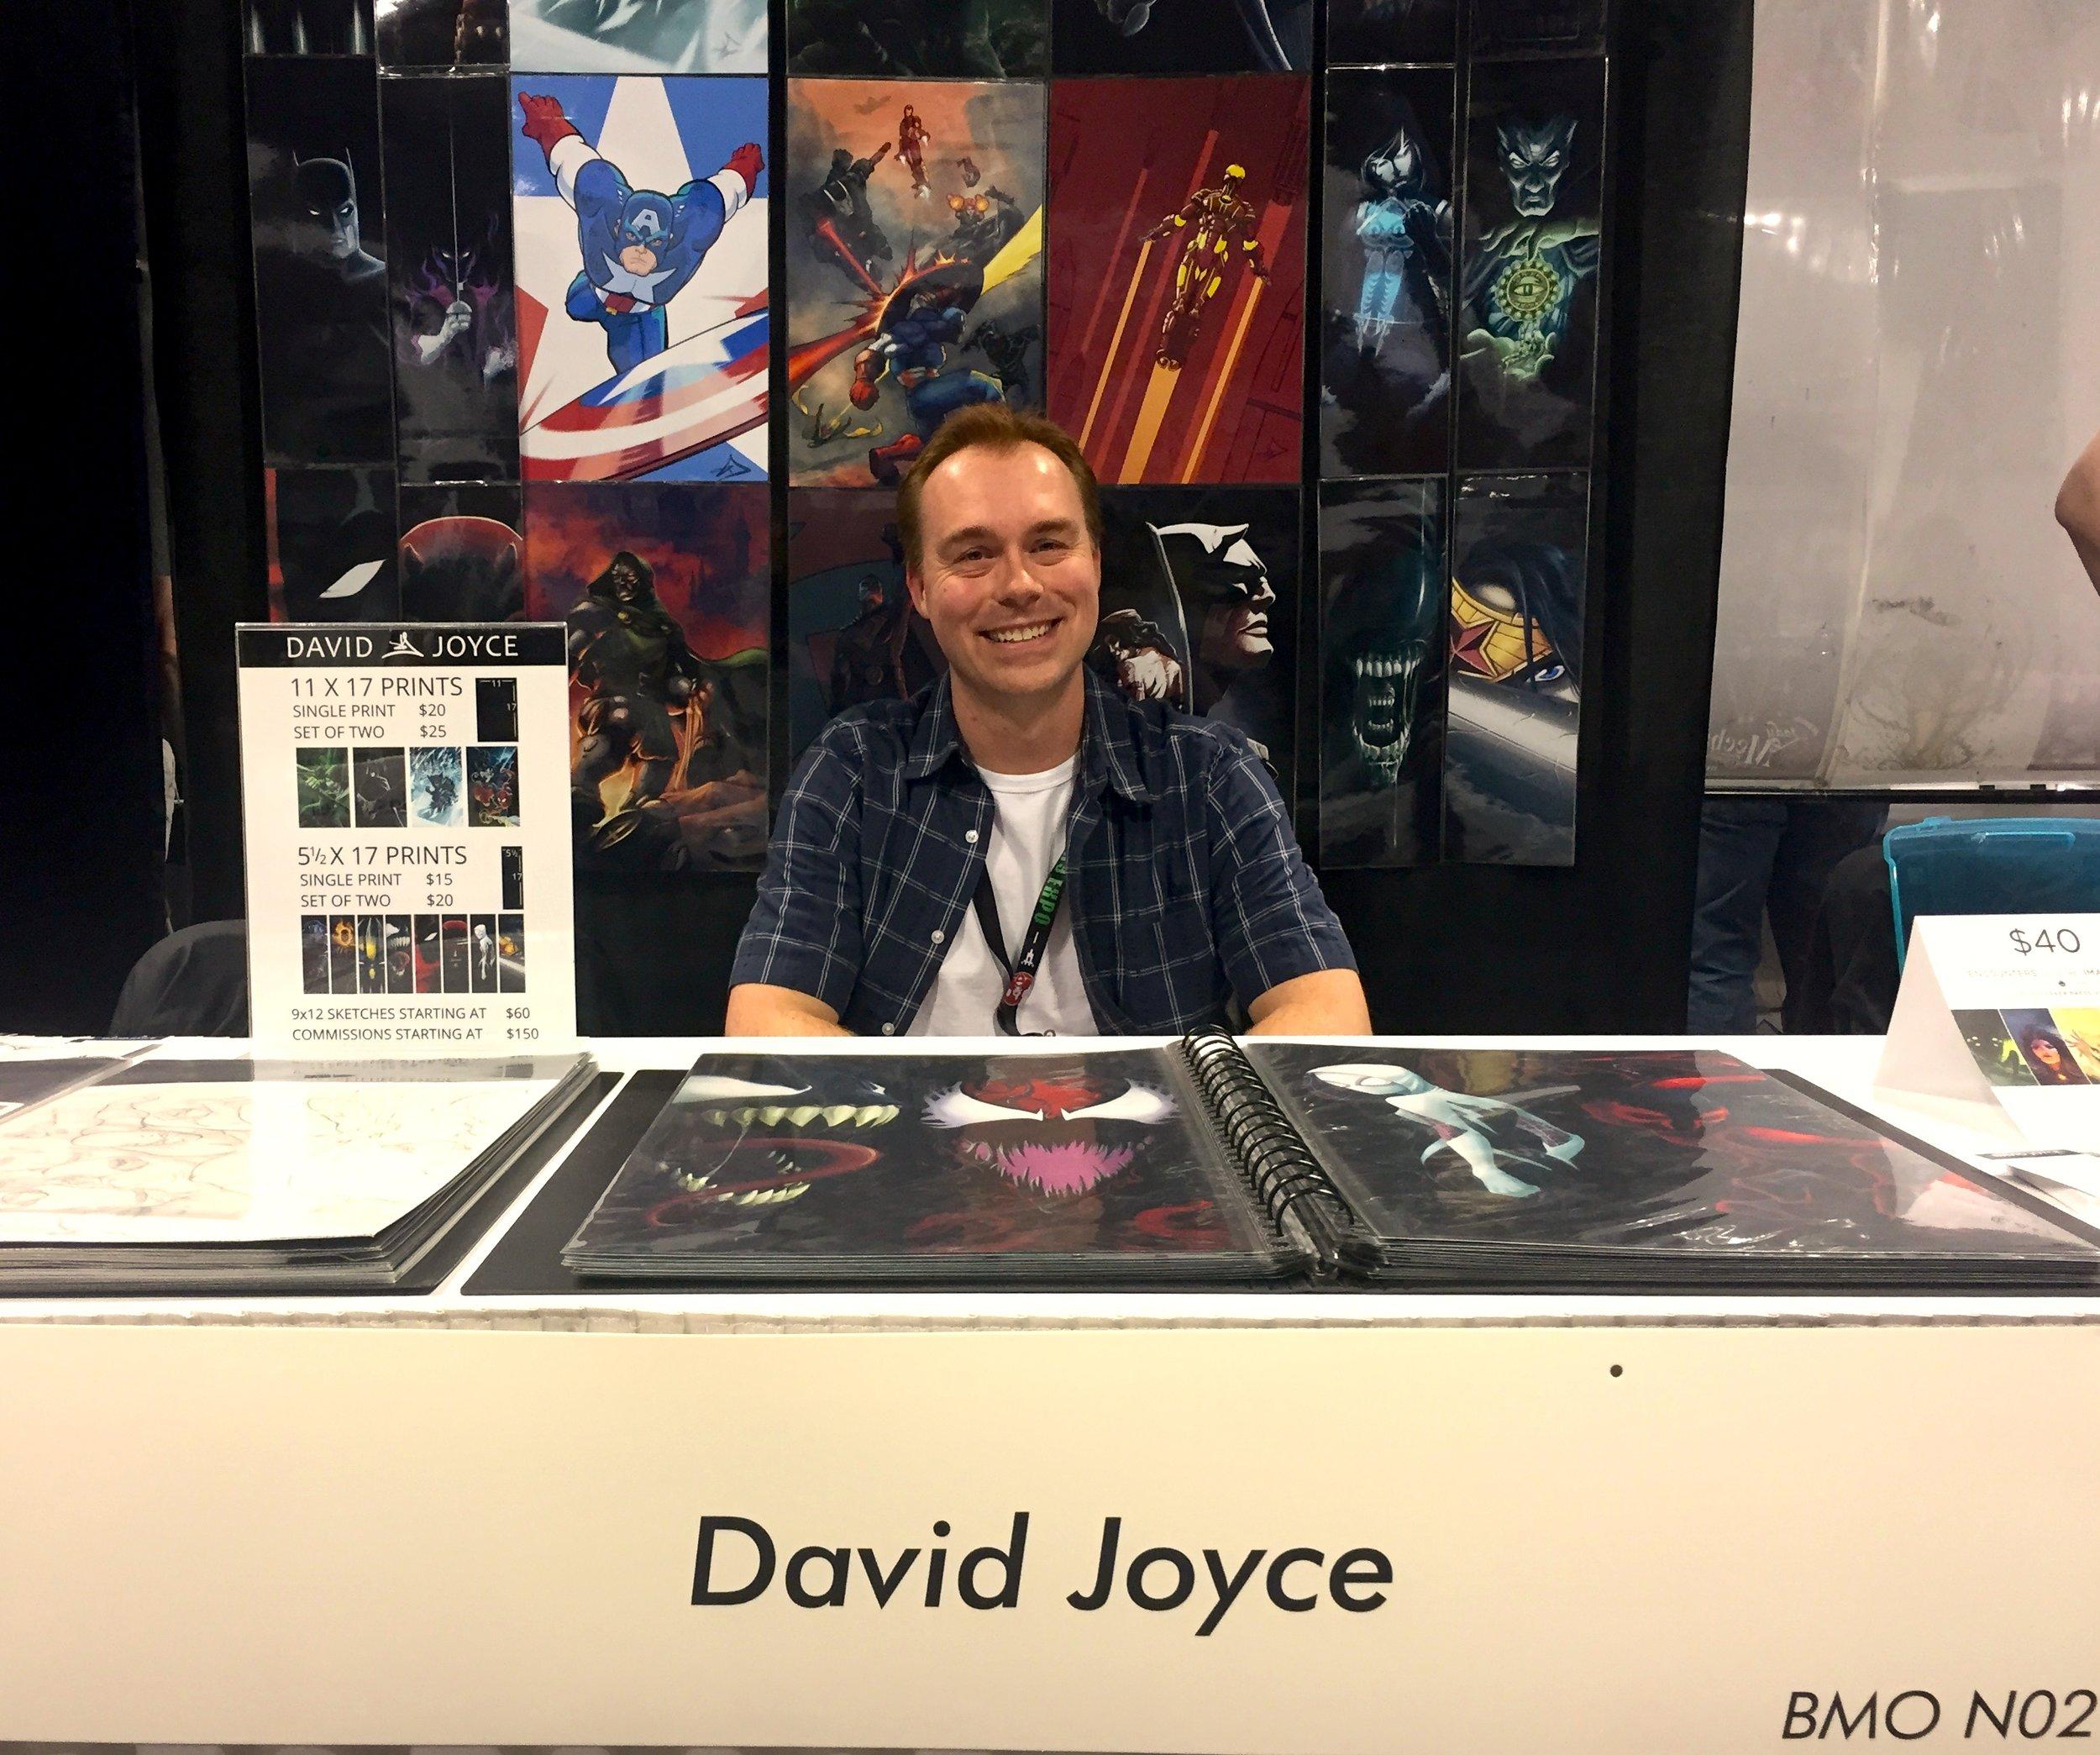 David Joyce - Booth N02  (Photo credit: Chris Doucher/GeekNerdNet.com)